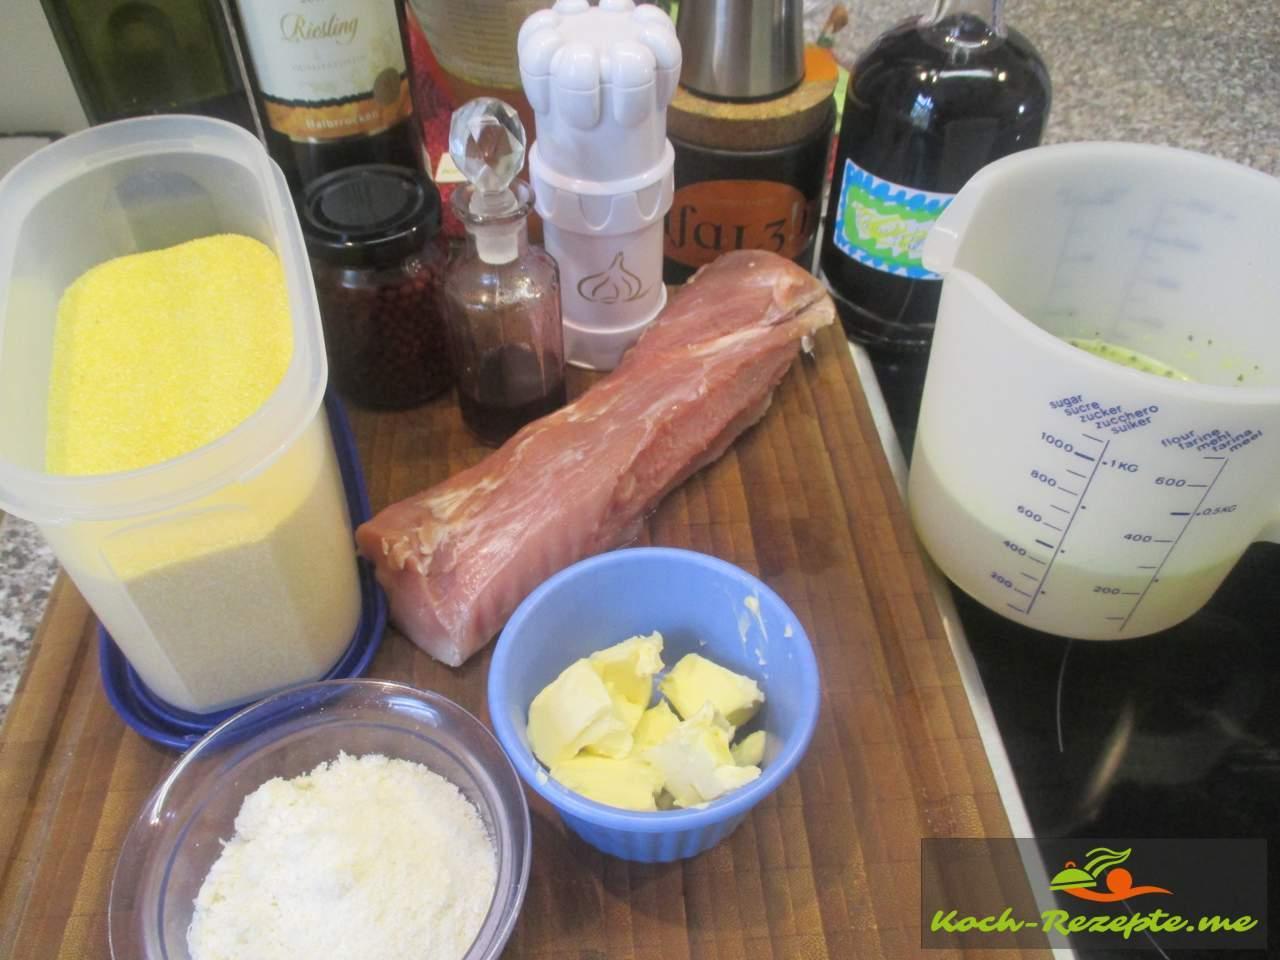 Zutaten für Schweinefilet mit Polenta, Rotwein-Holunderbasilcumsauce